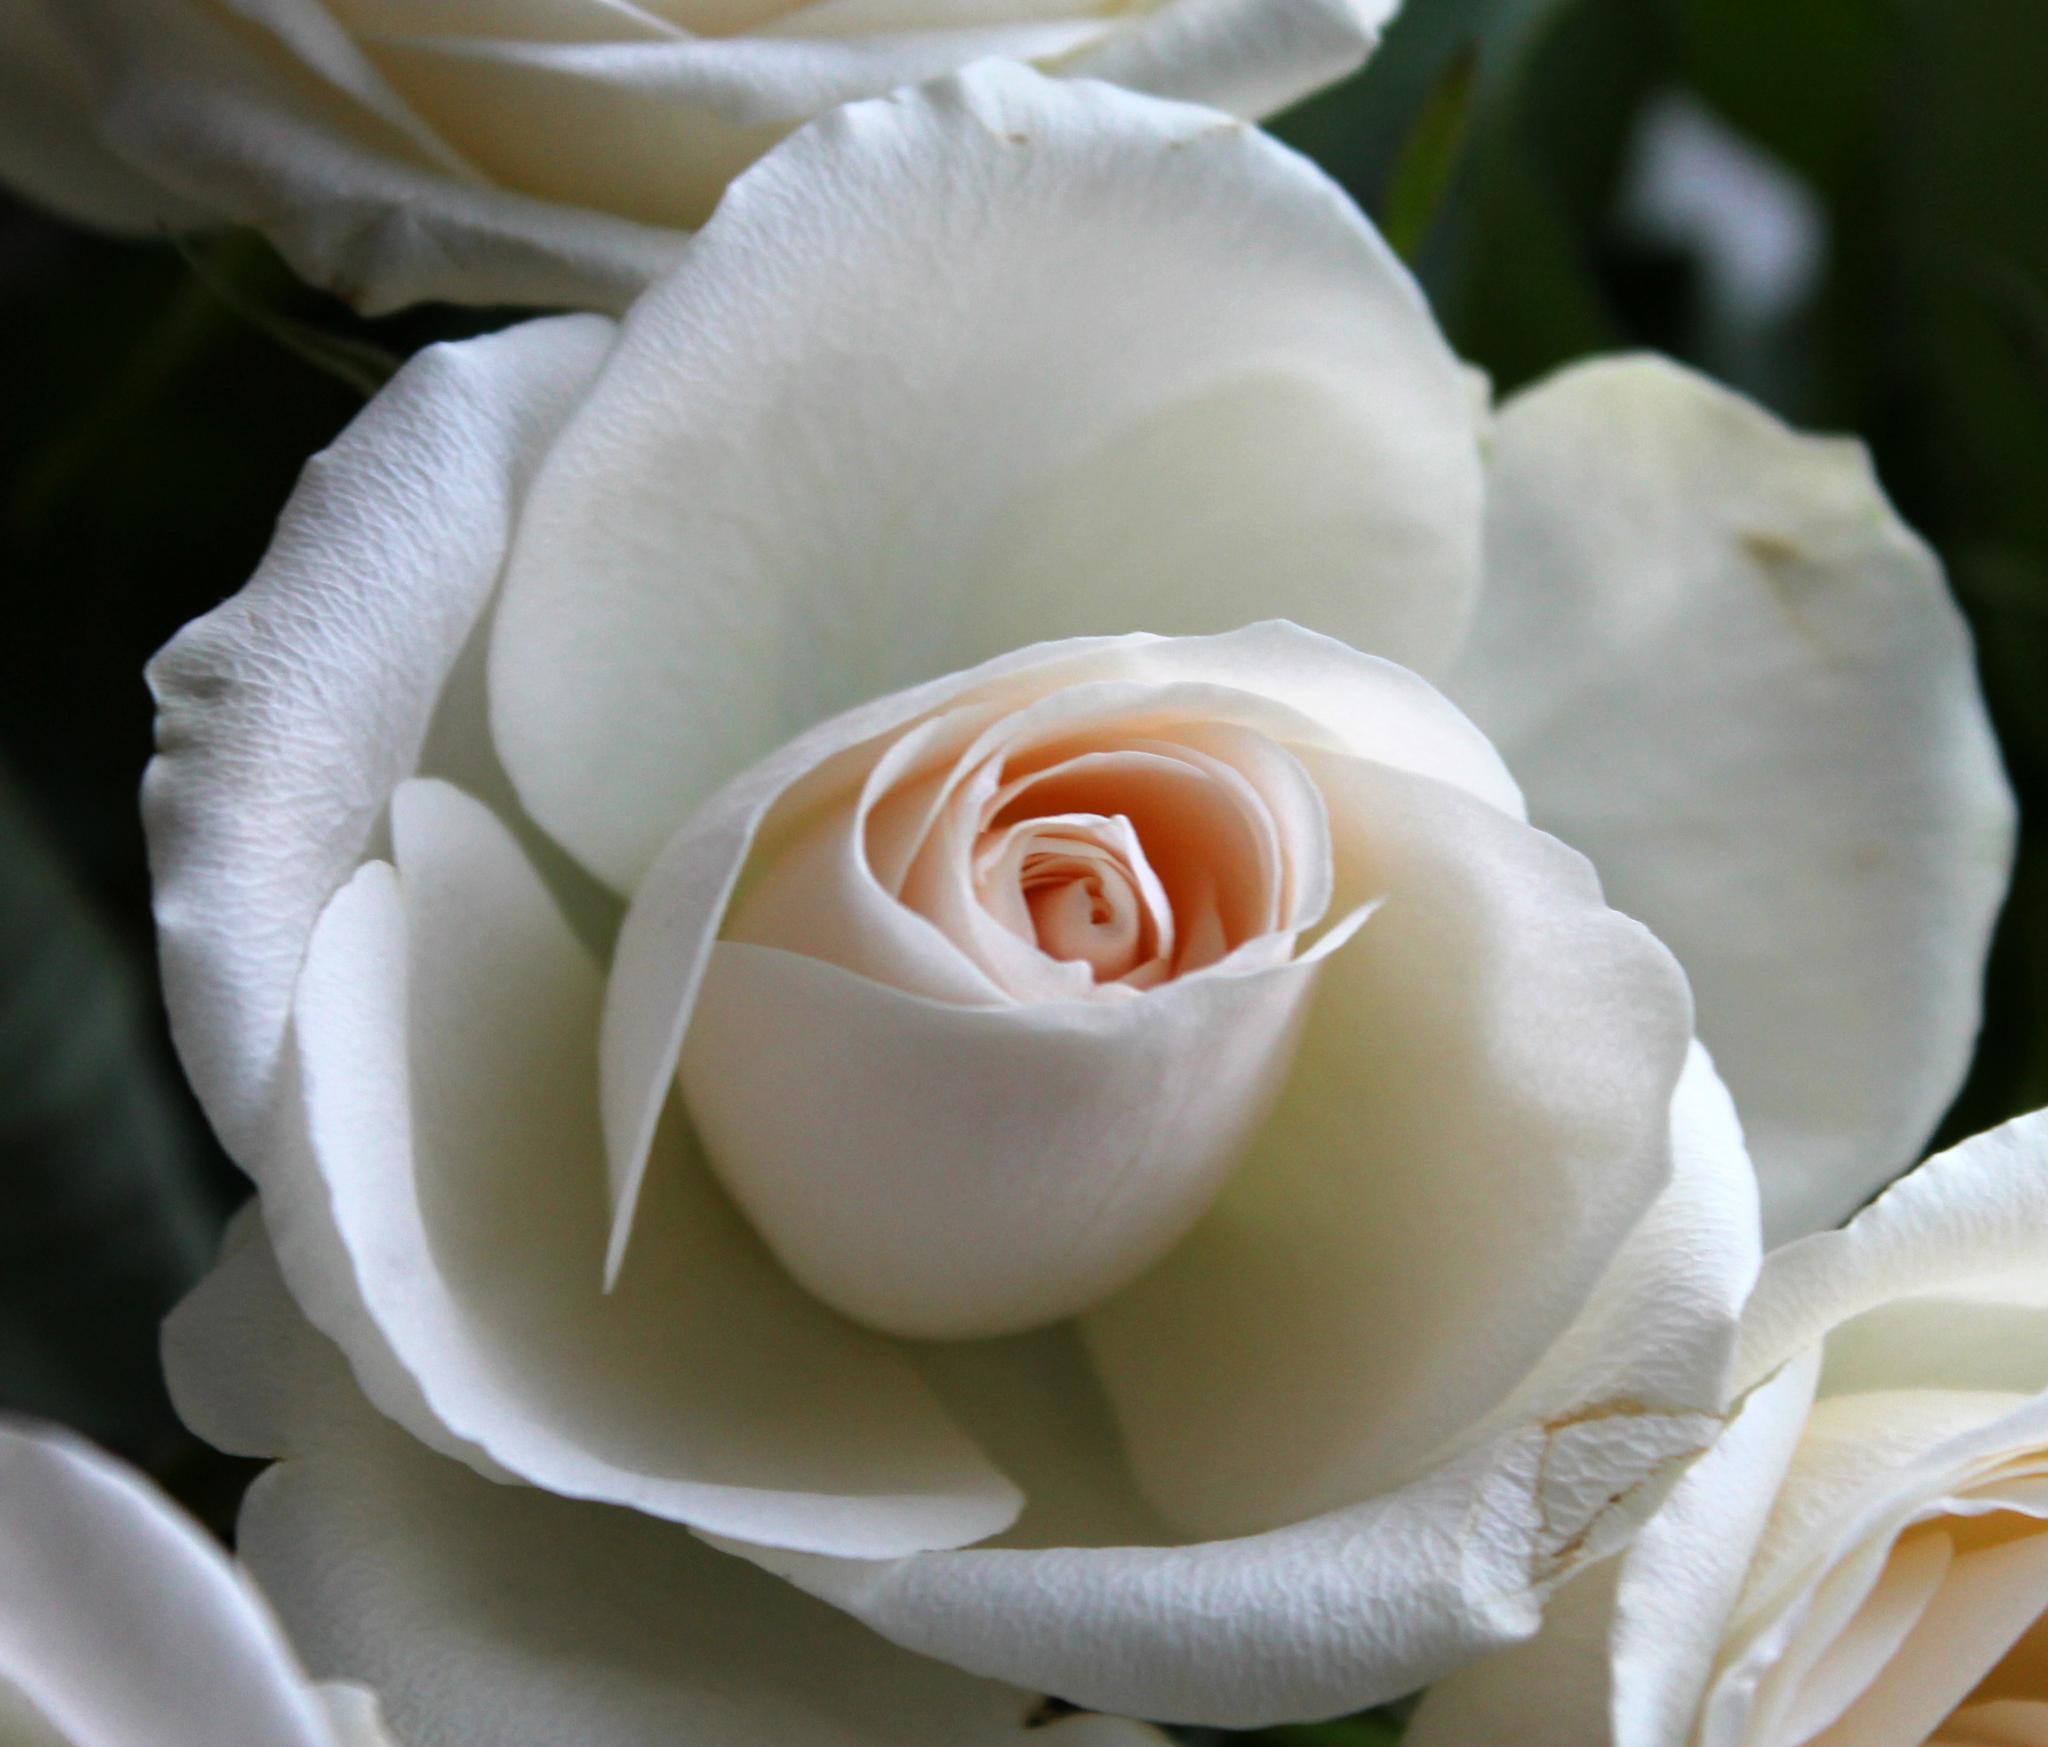 Rose by Ingrid Juul